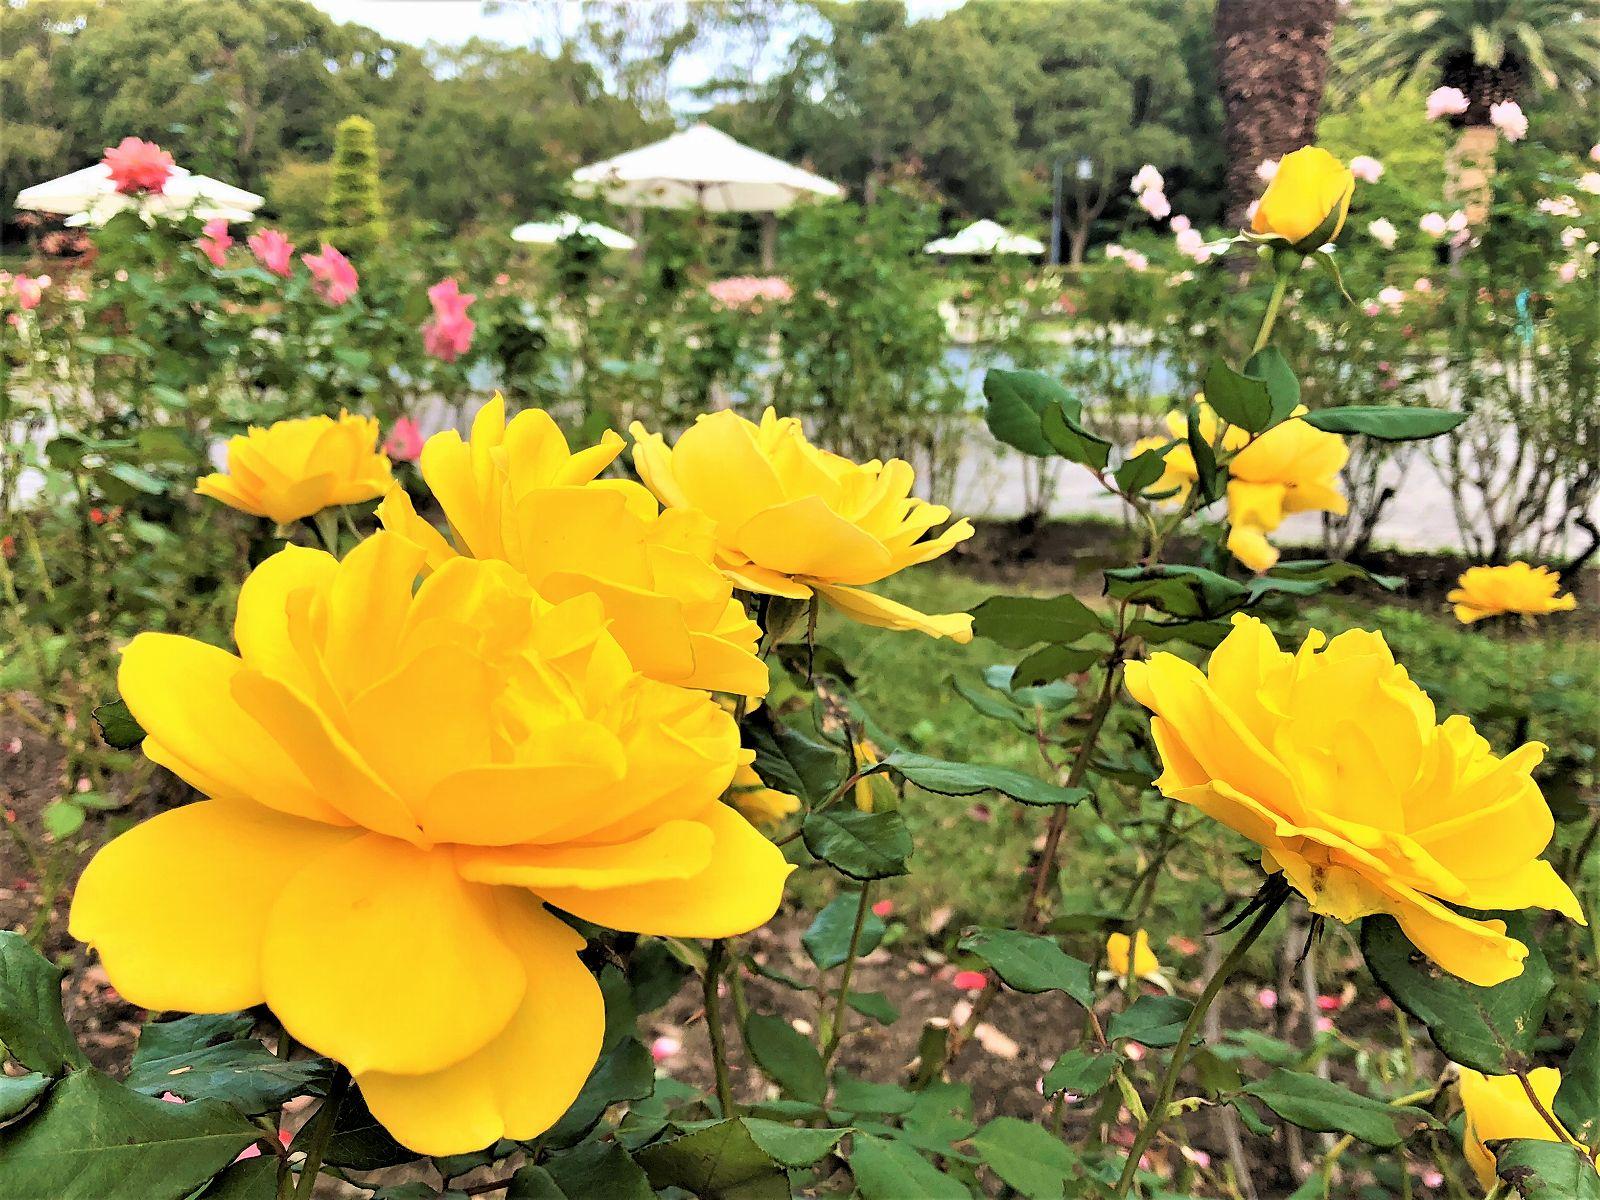 神戸市立須磨離宮公園で10月19日から11月7日まで「秋のローズフェスティバル2018」が開催されるよ! #須磨離宮公園 #ローズフェスティバル #バラ #須磨区